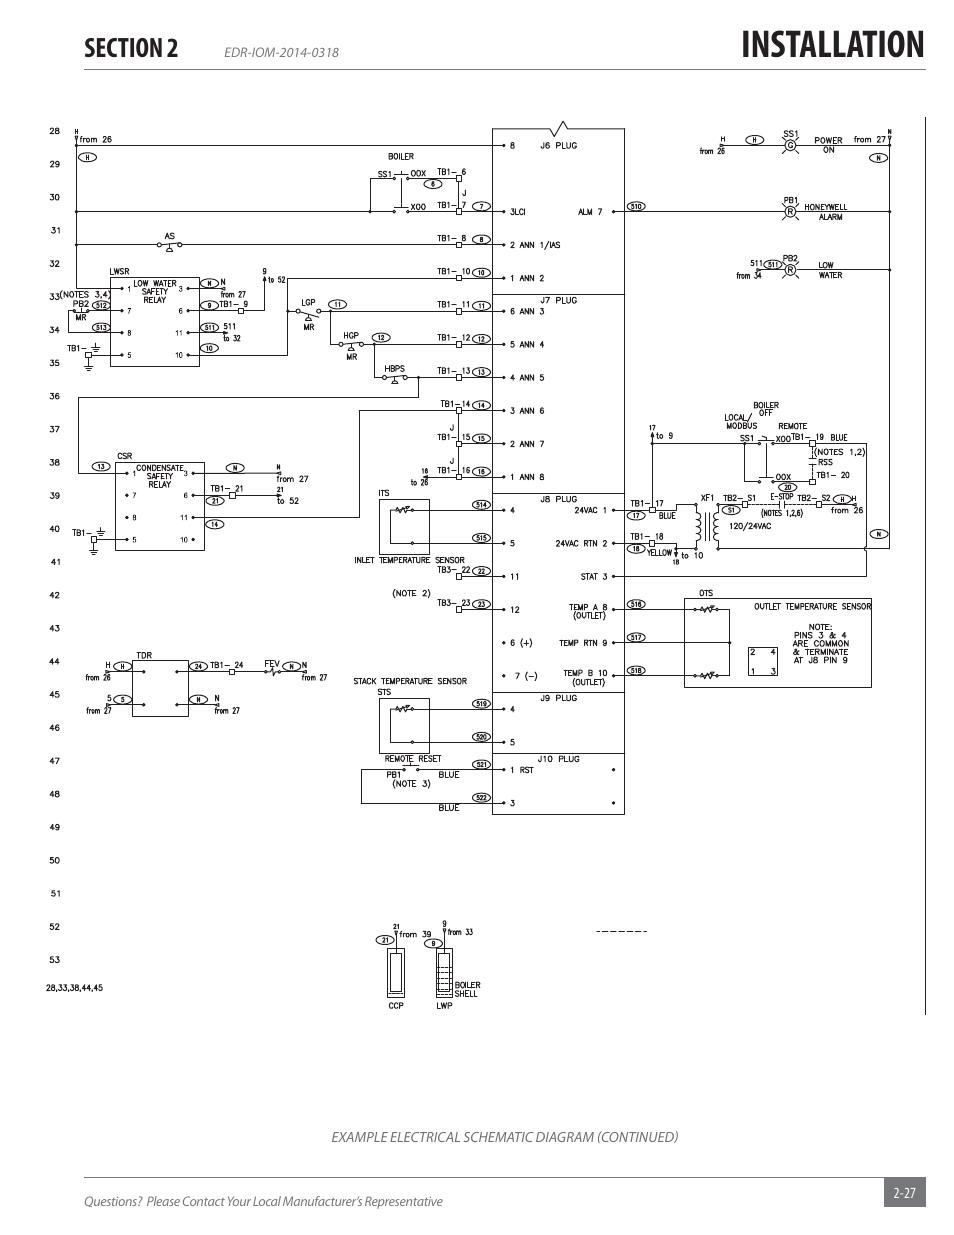 pilot light schematic  | 797 x 255